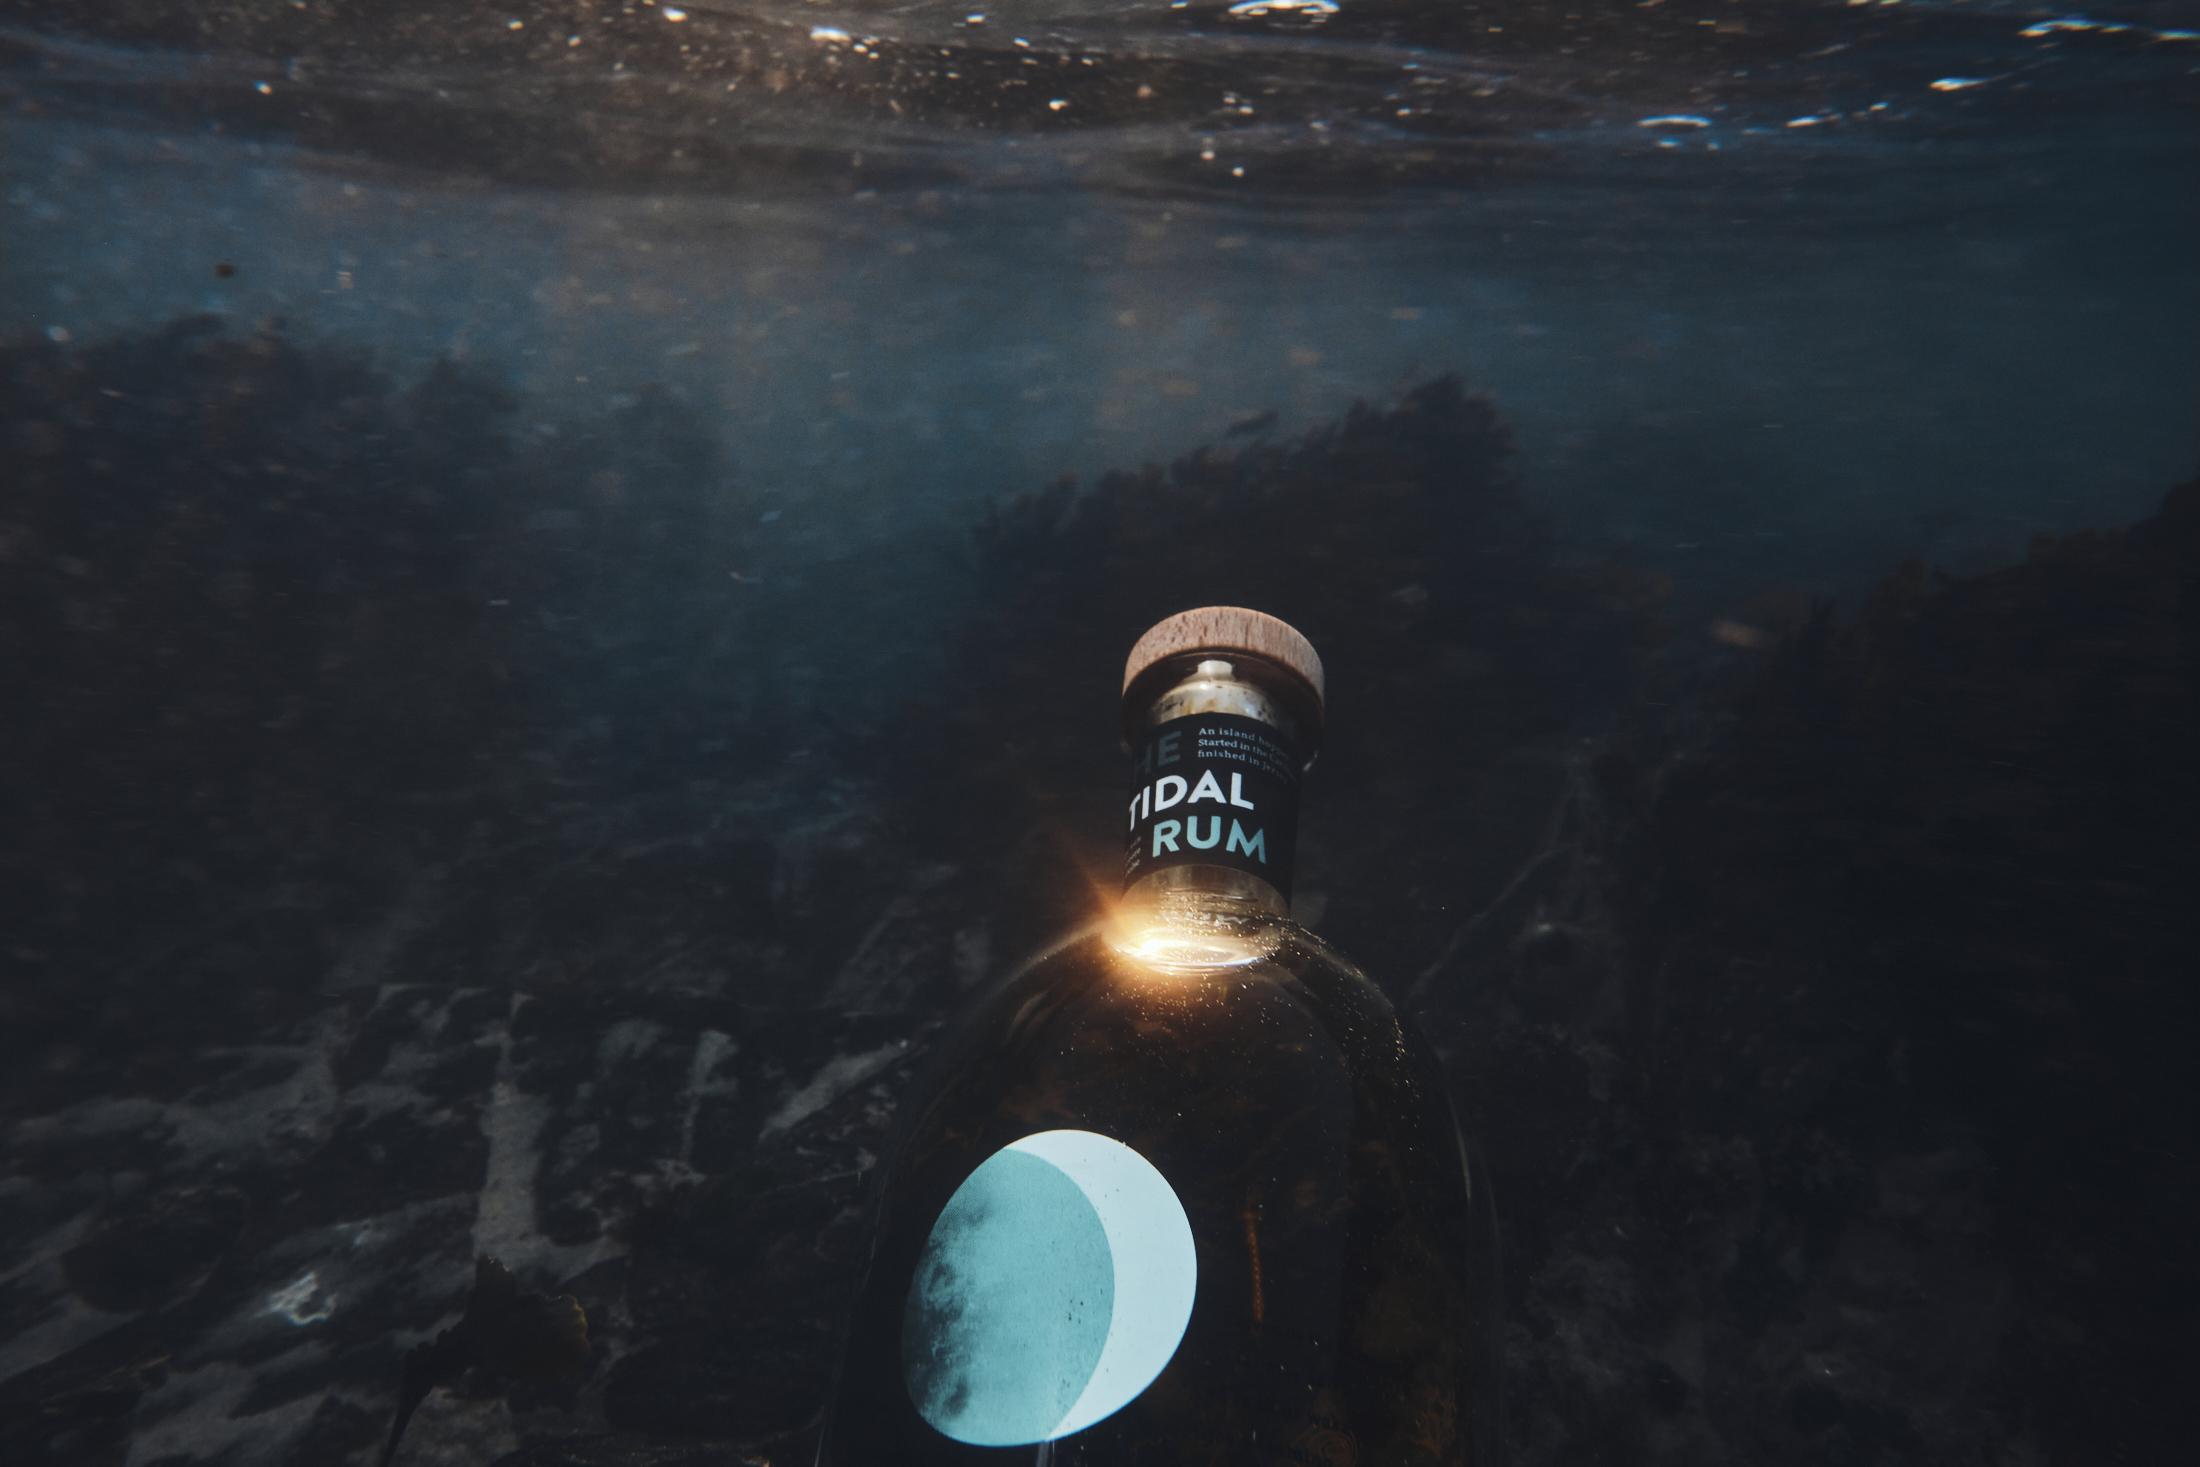 Tidal Rum - In the tide